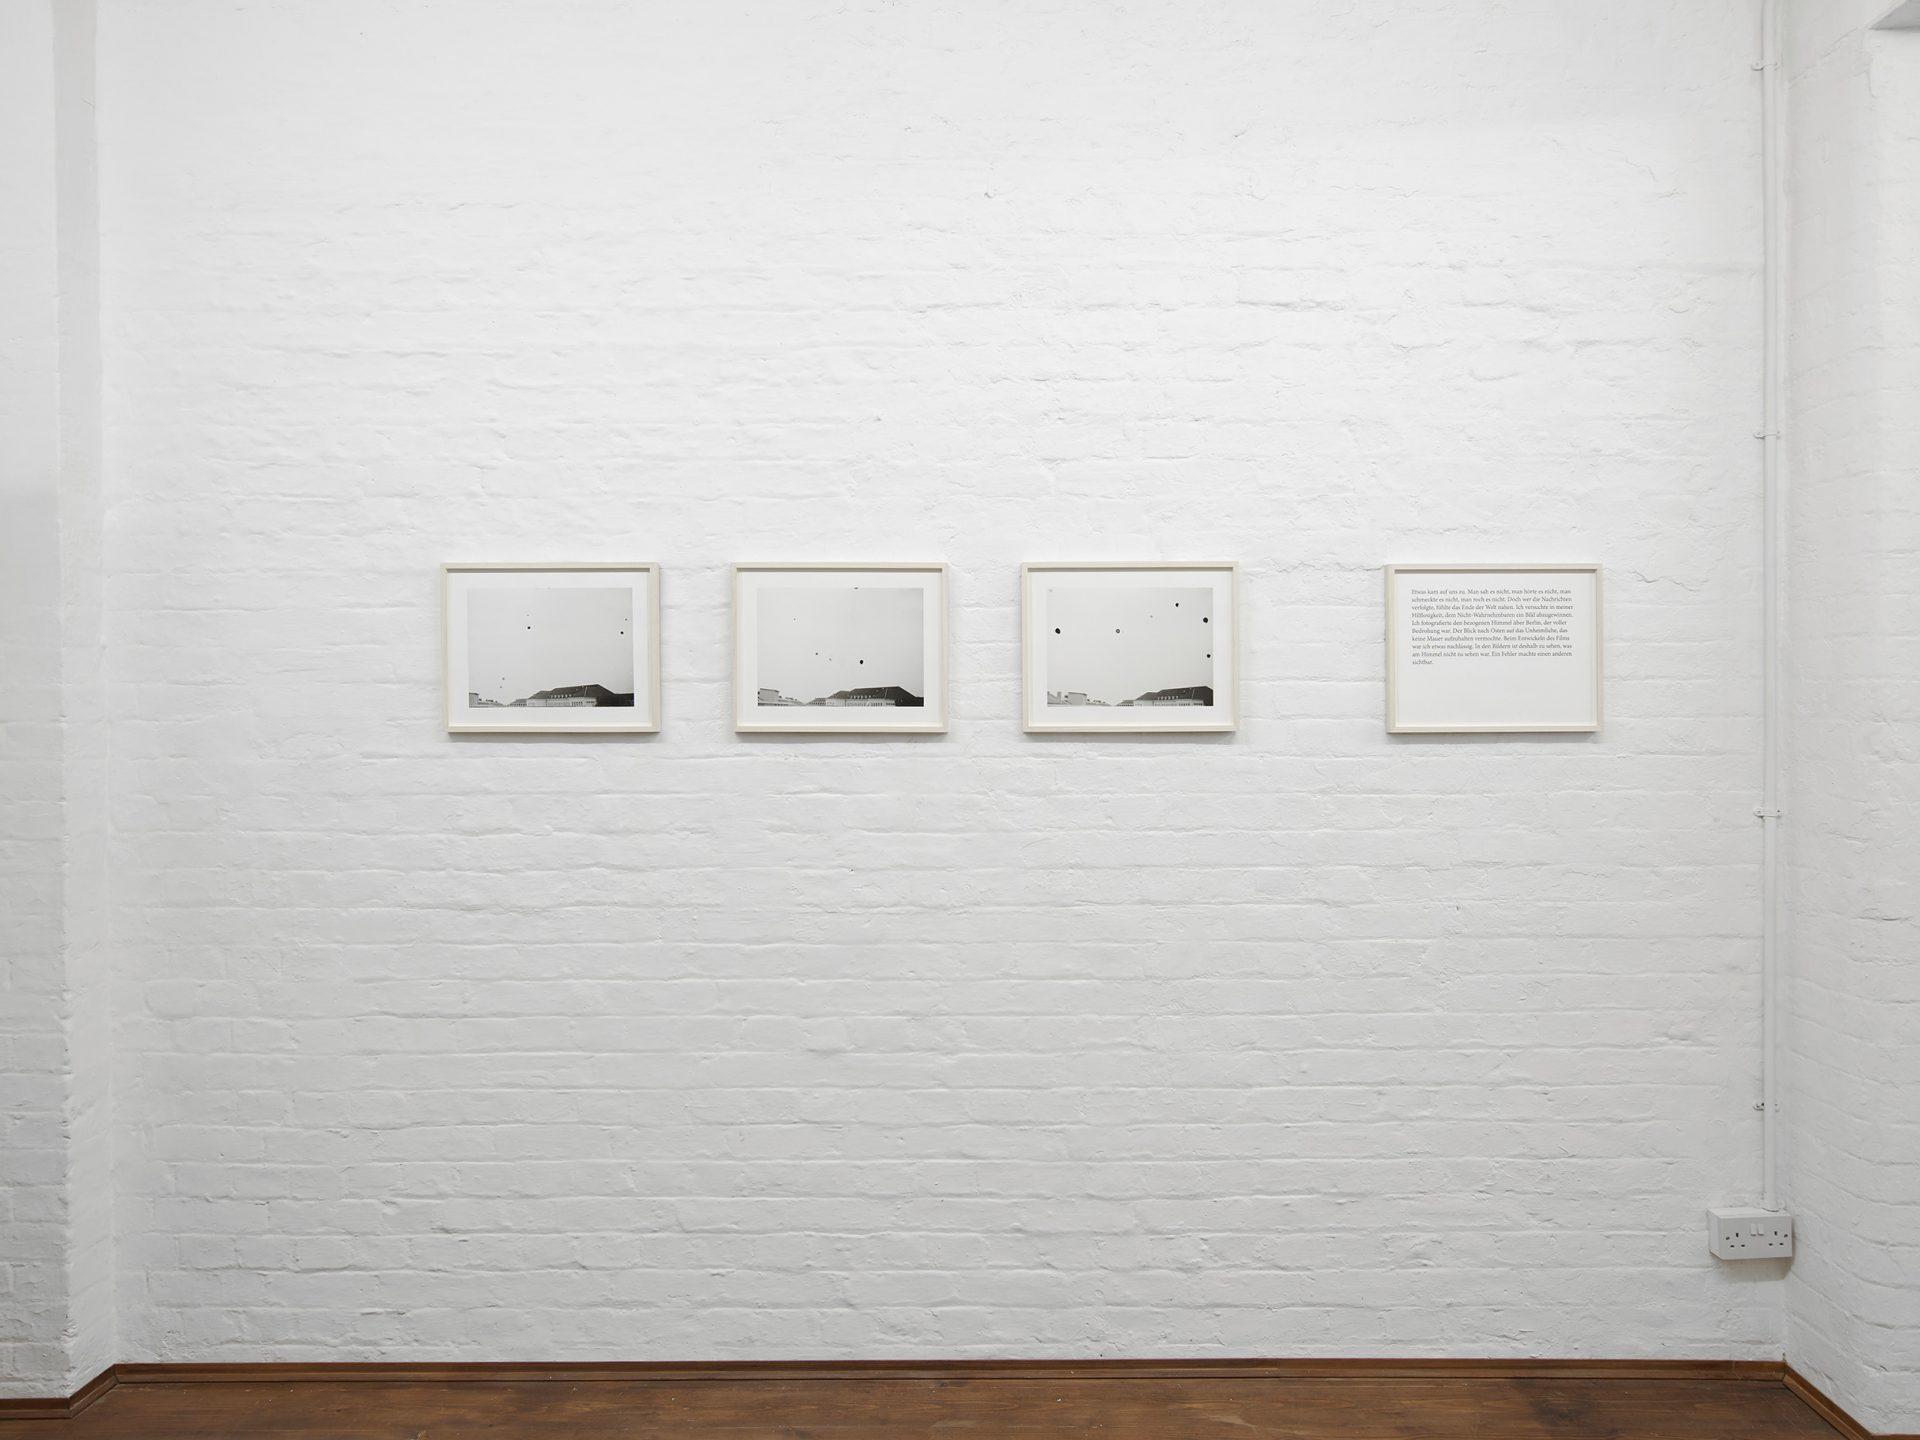 A WORK: Andrea Büttner, Ruth Proctor, Joachim Schmid, Anne Tallentire, 2019